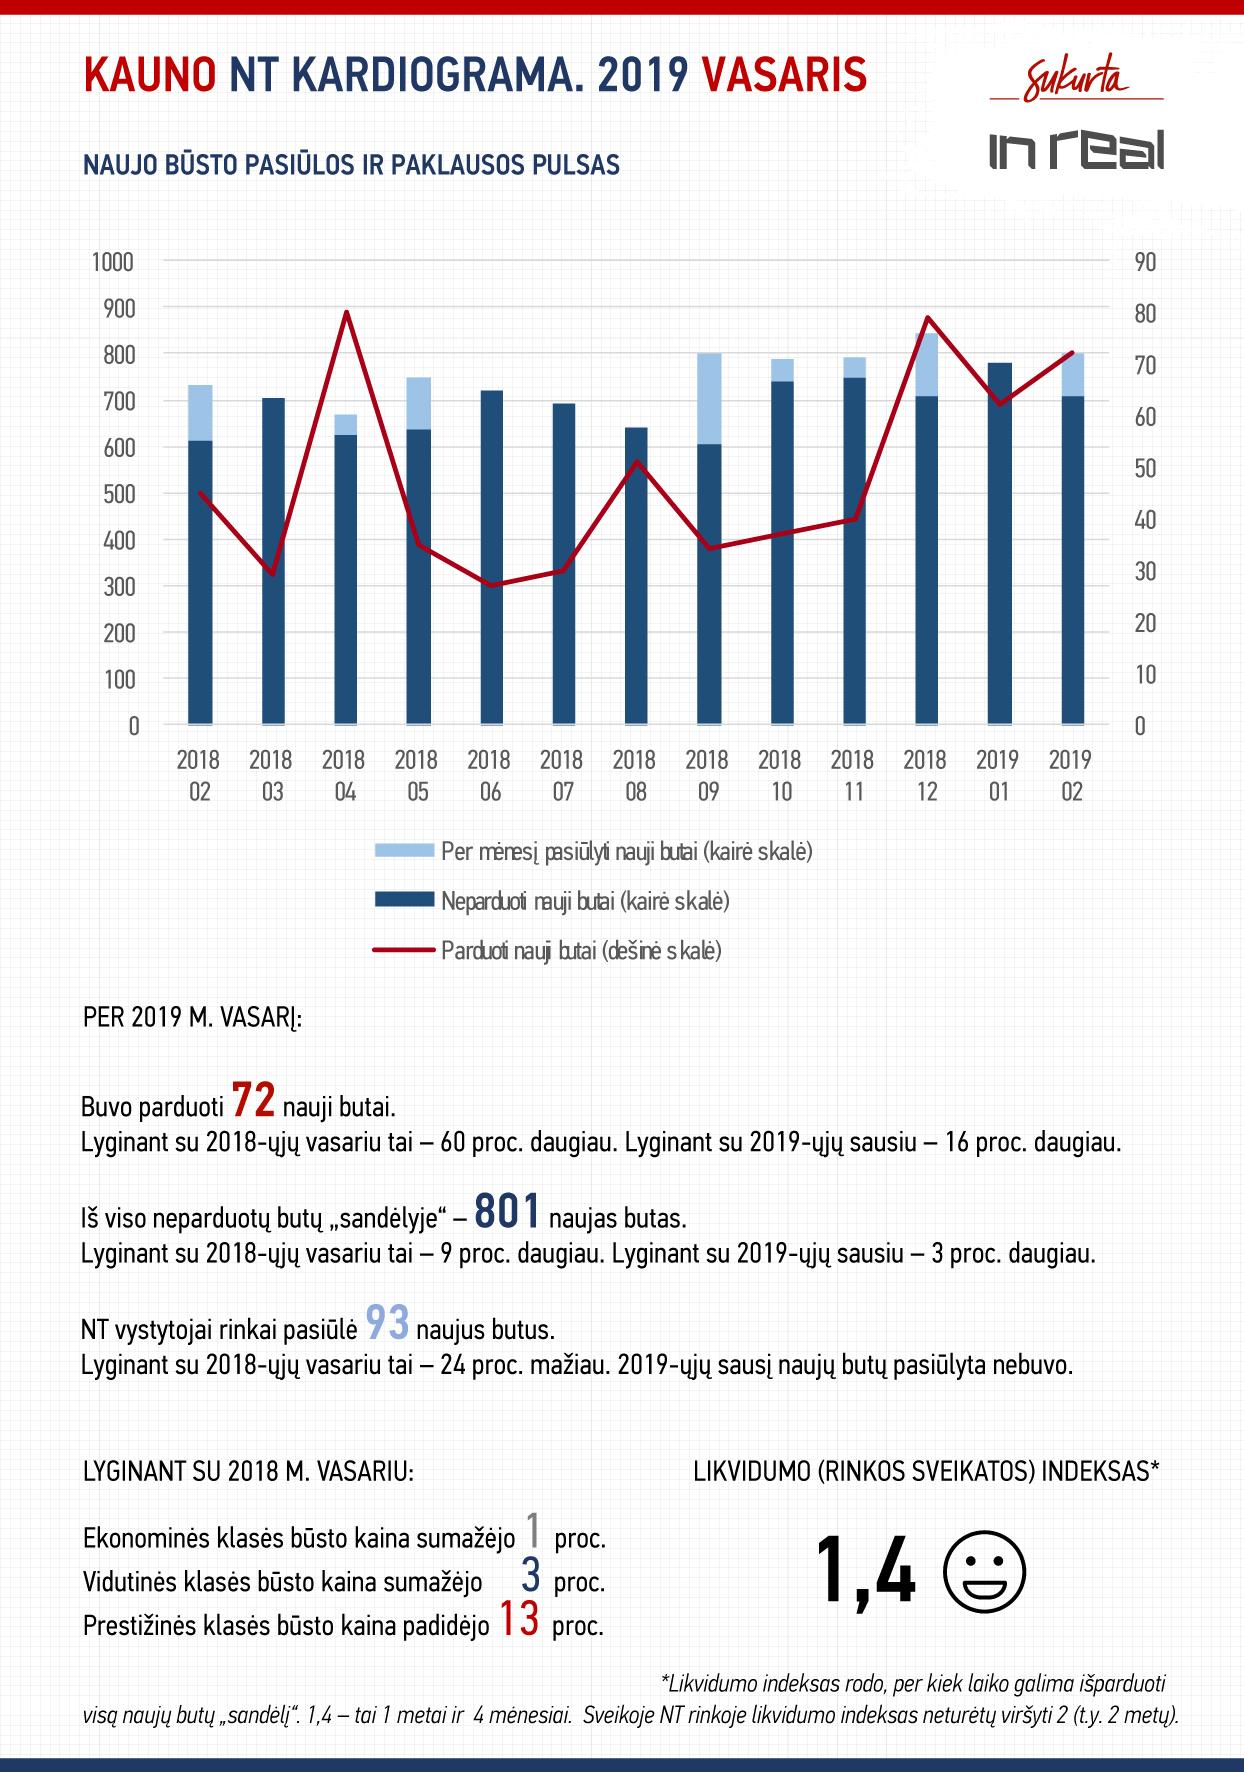 NT rinkos kardiograma. 2019 m. vasaris